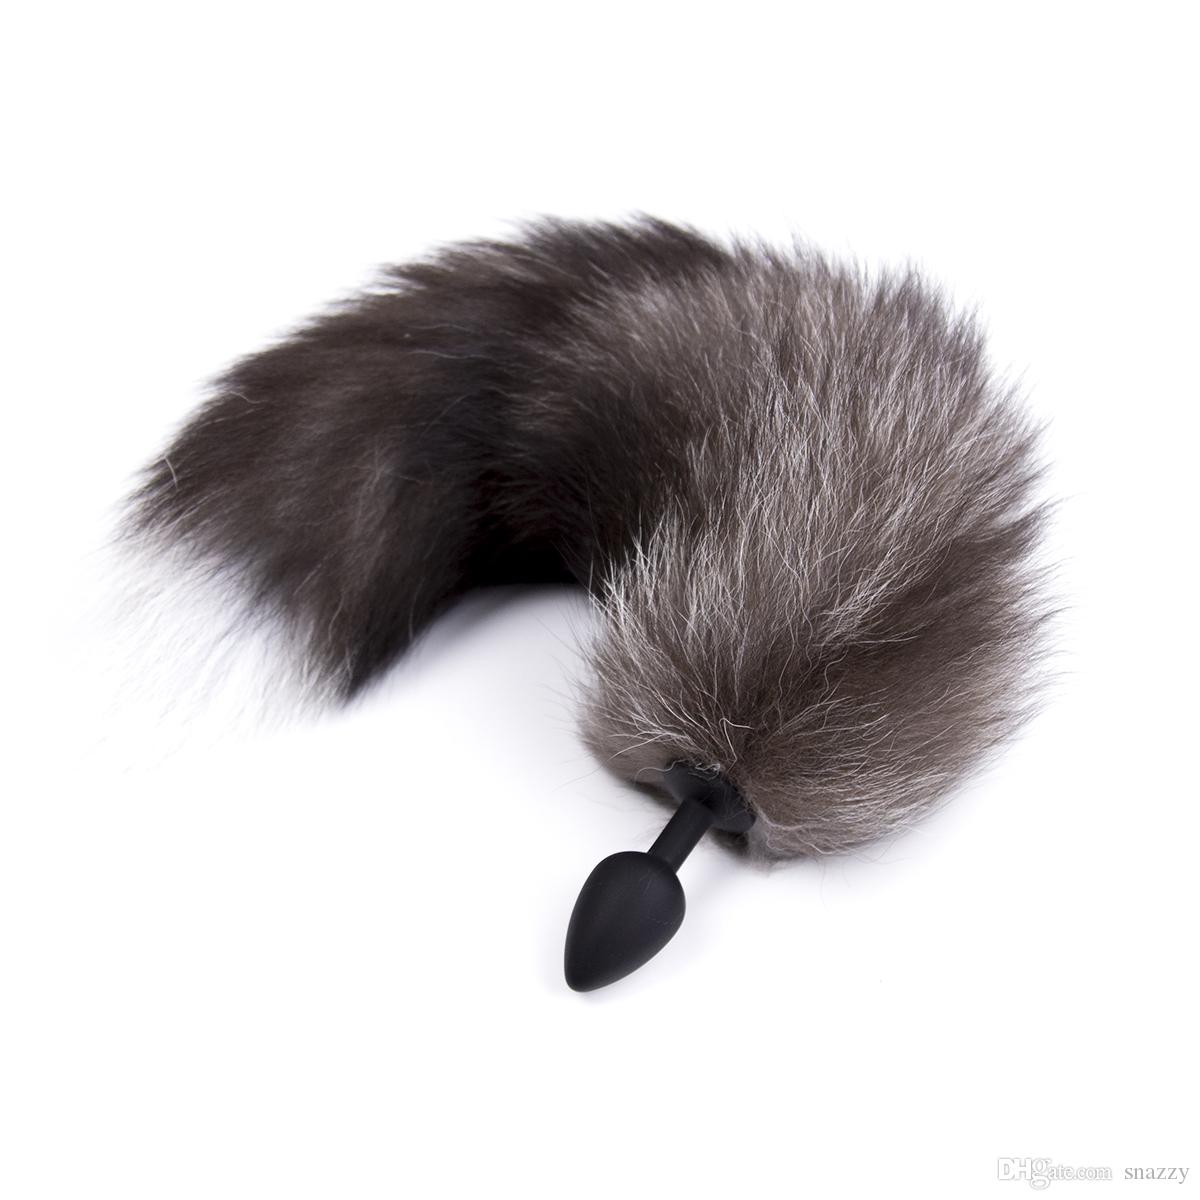 Capelli Coda Butt Plug 2,8 centimetri erotici colore nero come Fox Tail silicone spina anale adulti giocattoli del sesso anale Giocattoli per la donna